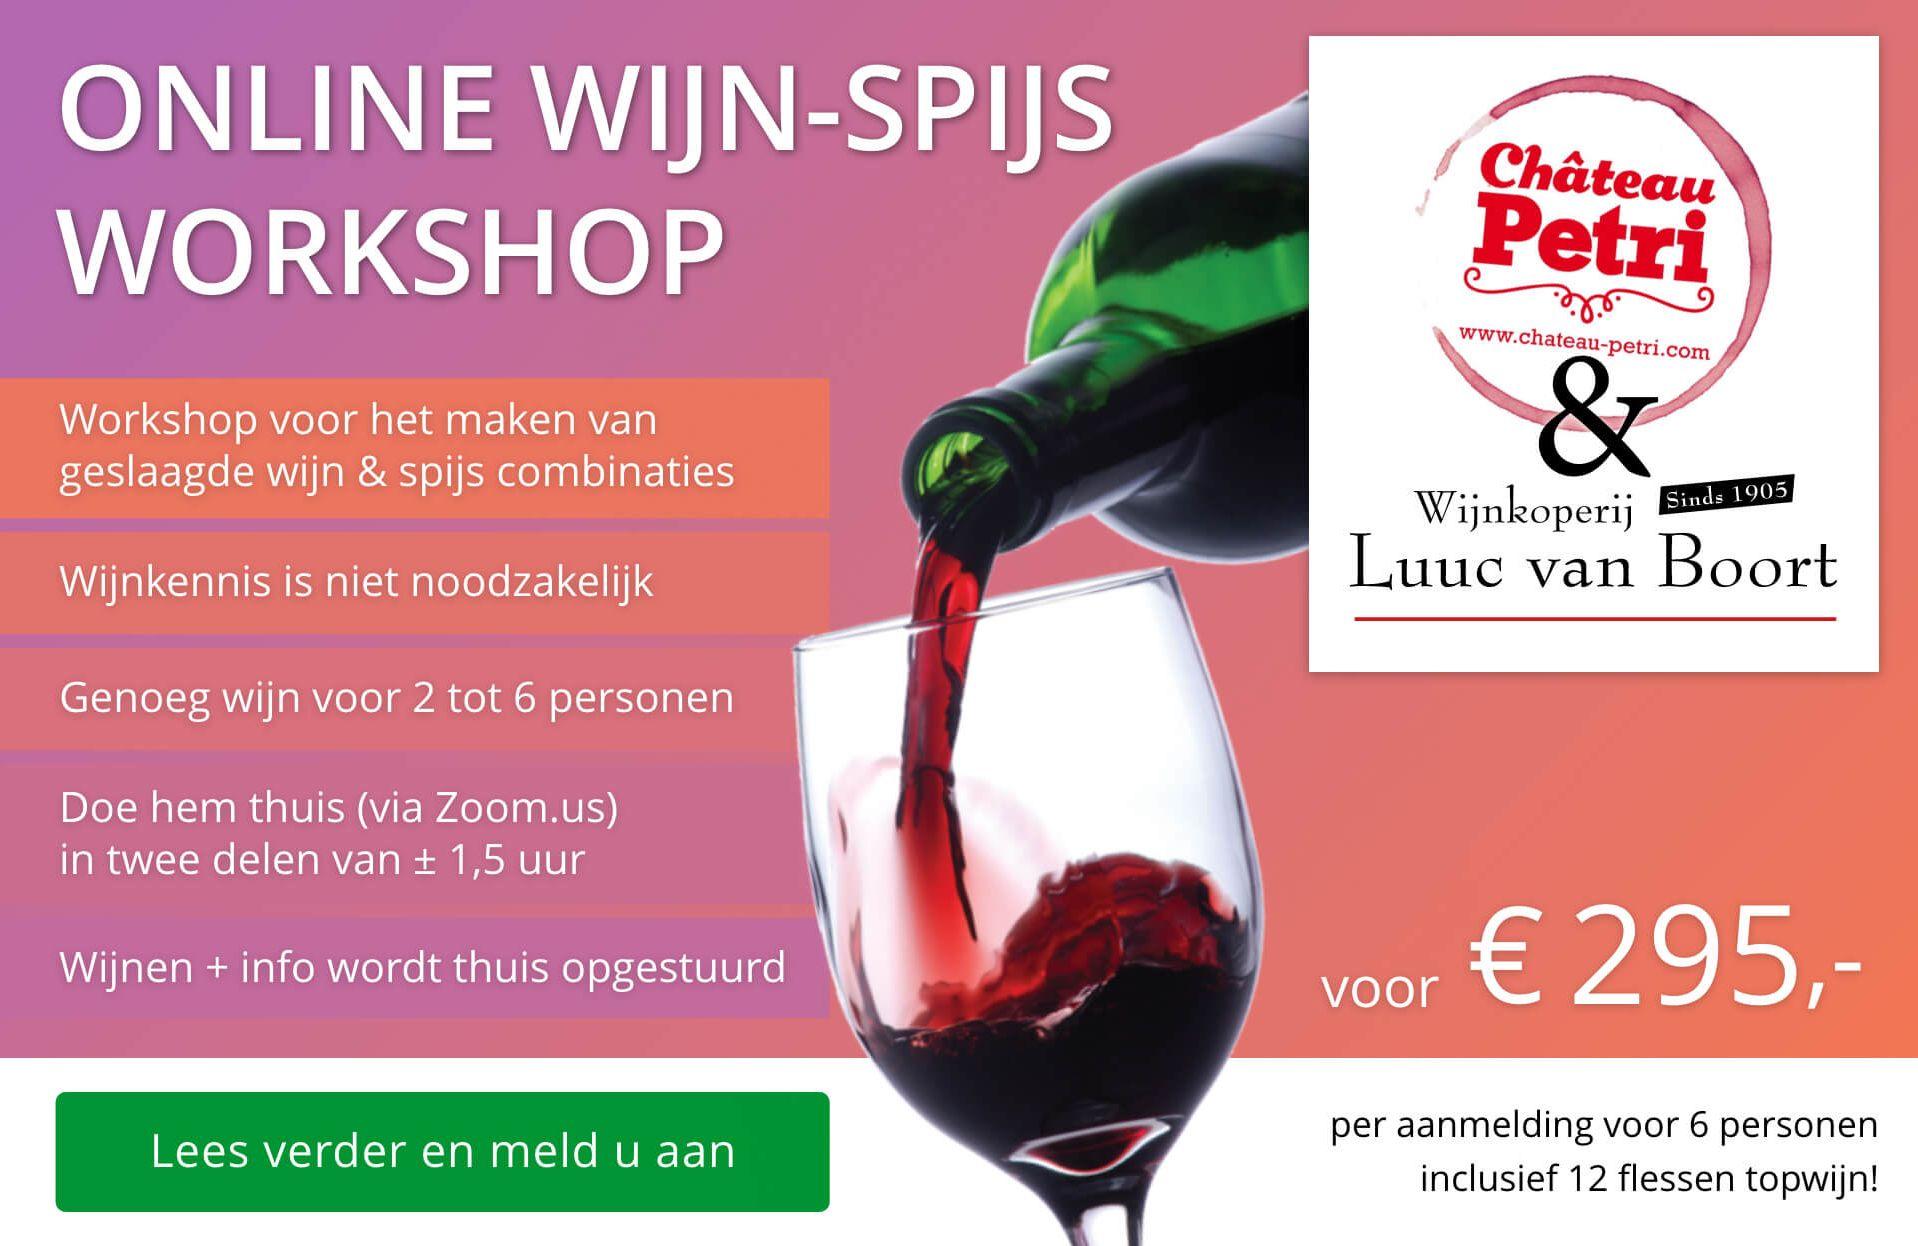 Online wijn-spijs workshop